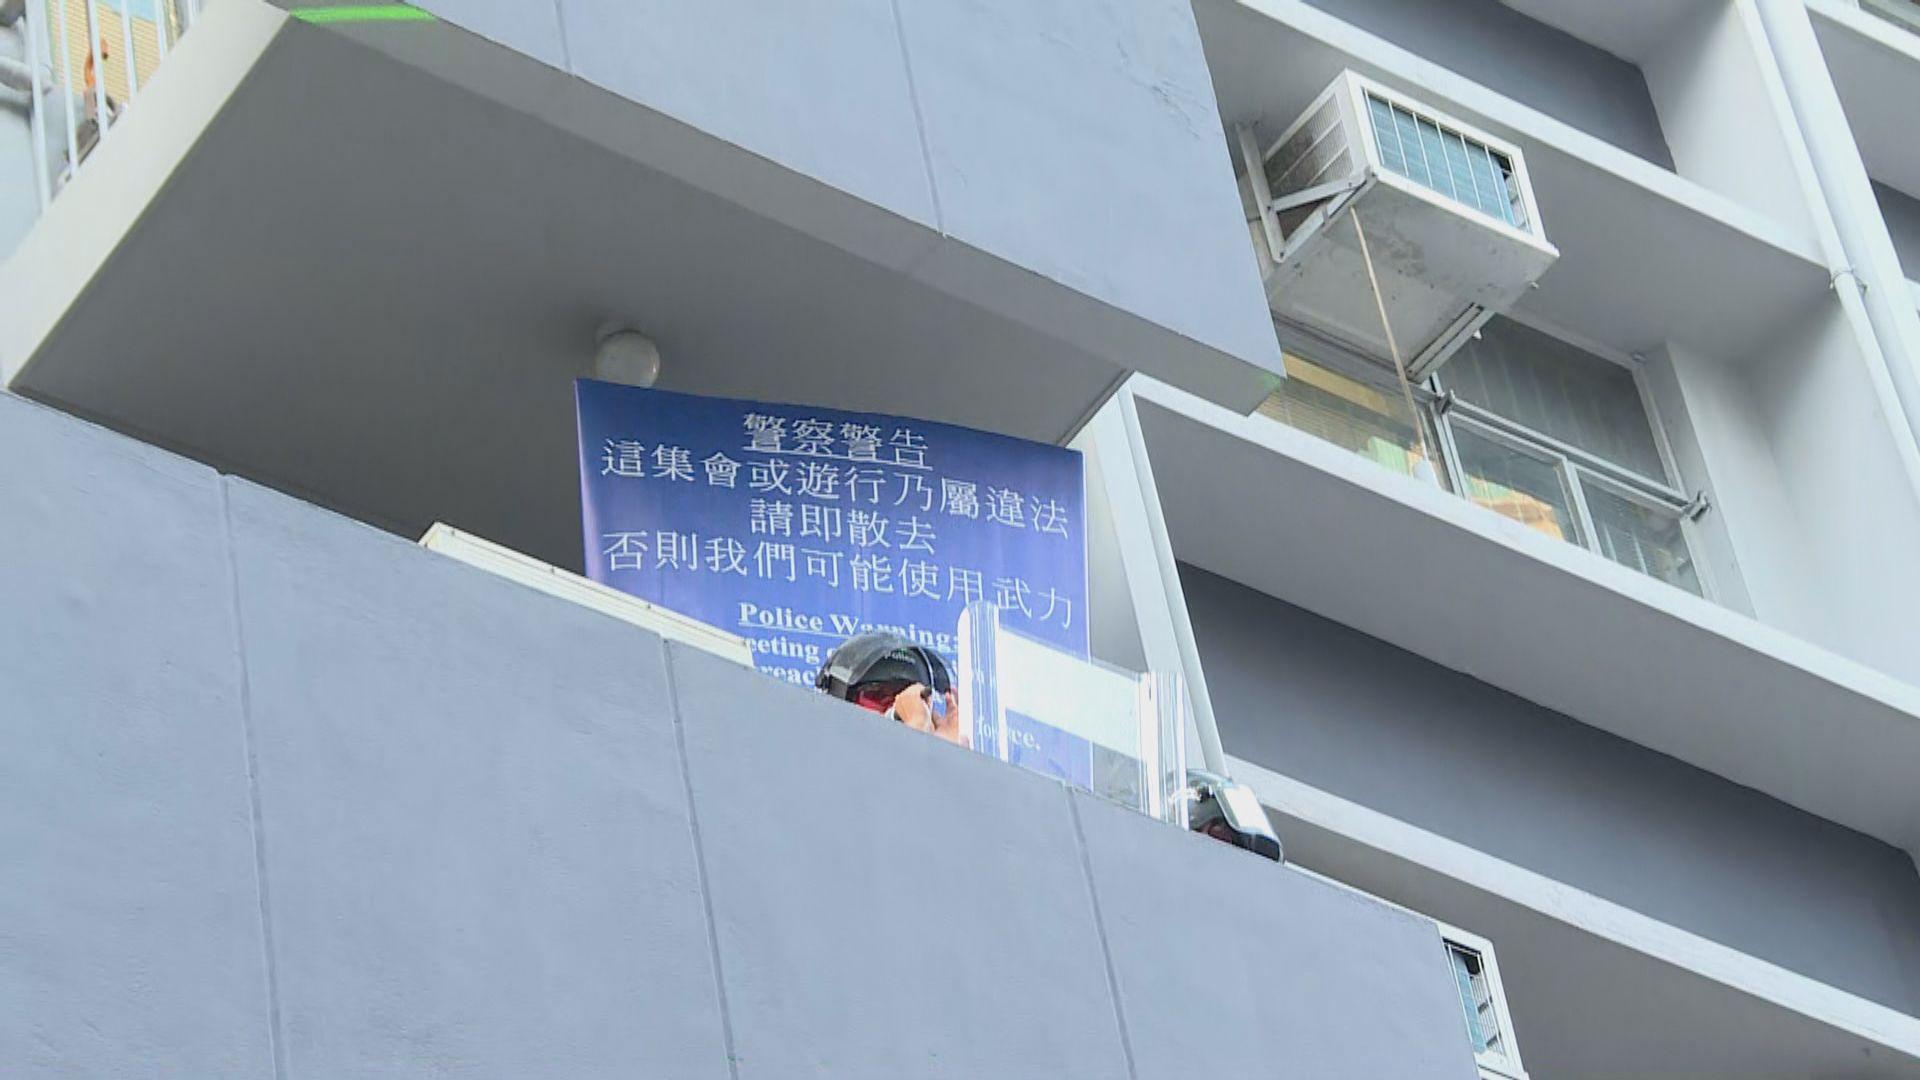 太子道西有大批市民聚集 警方出示藍旗